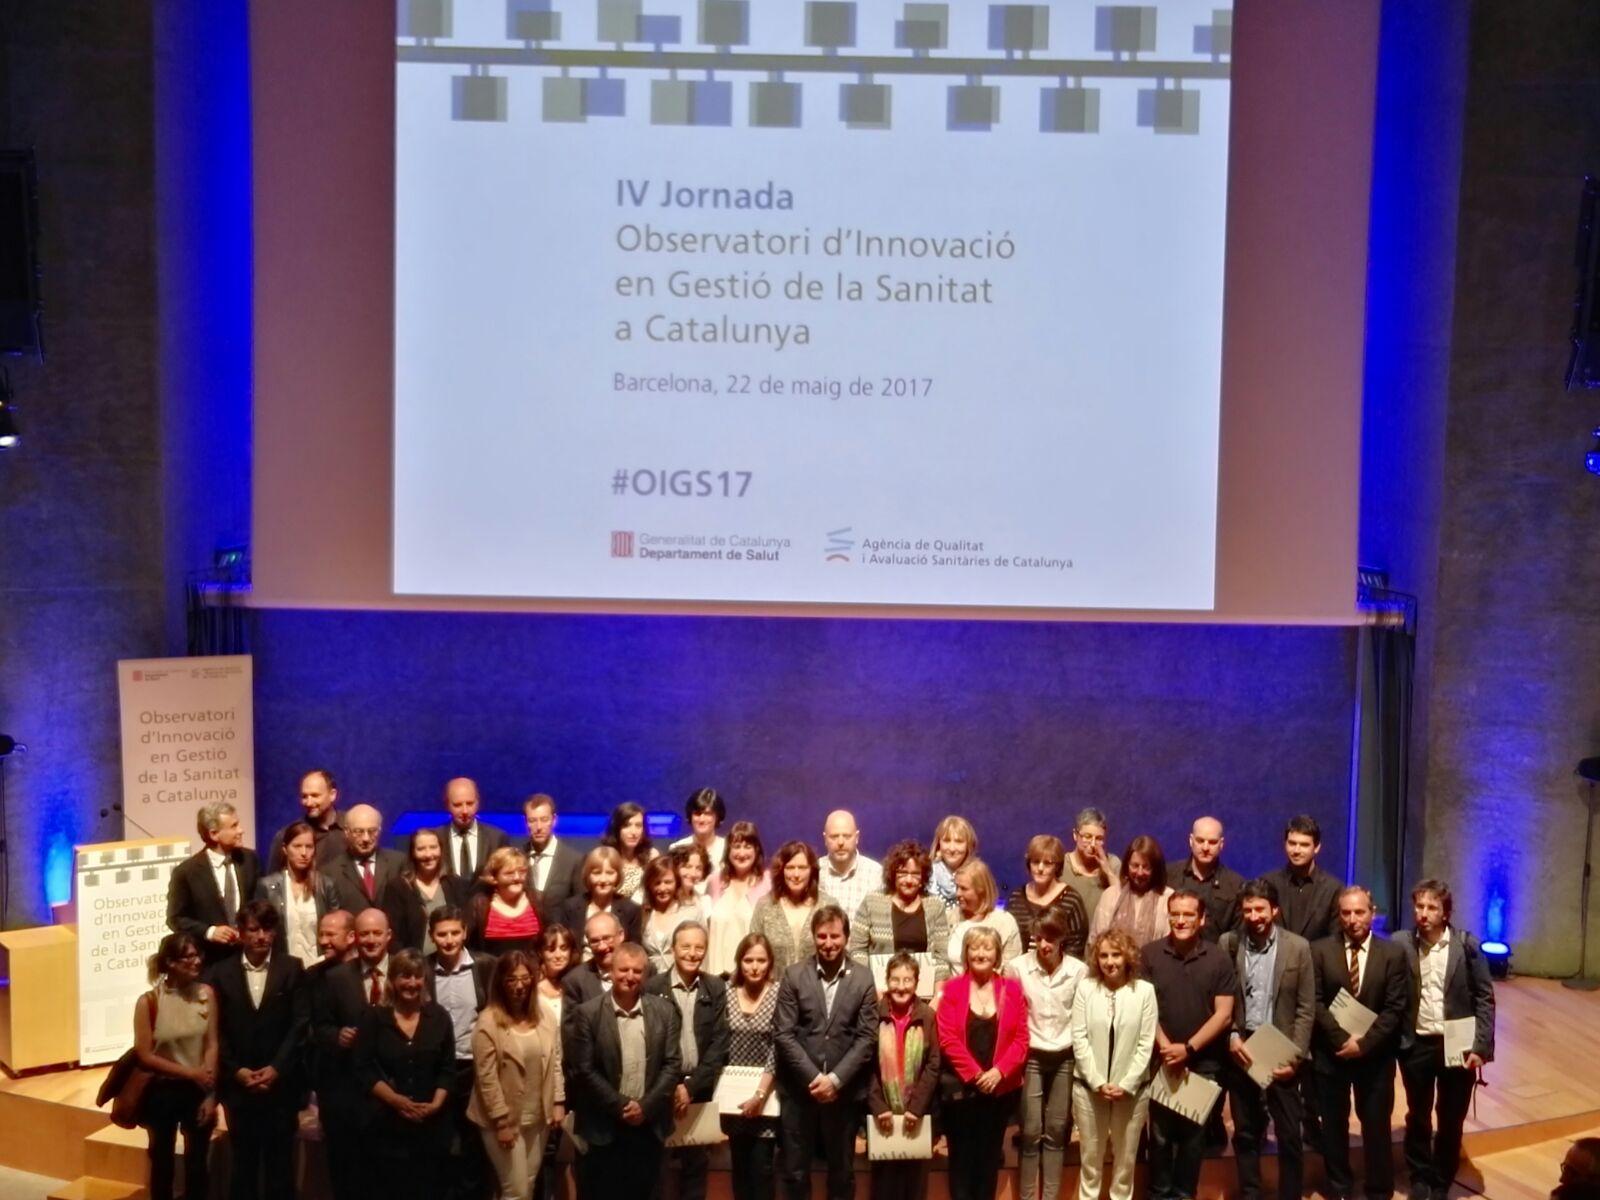 Felicitats representants experiències innovadores certificades, ponents i equip #oigs17 https://t.co/qx3dAGnYCG